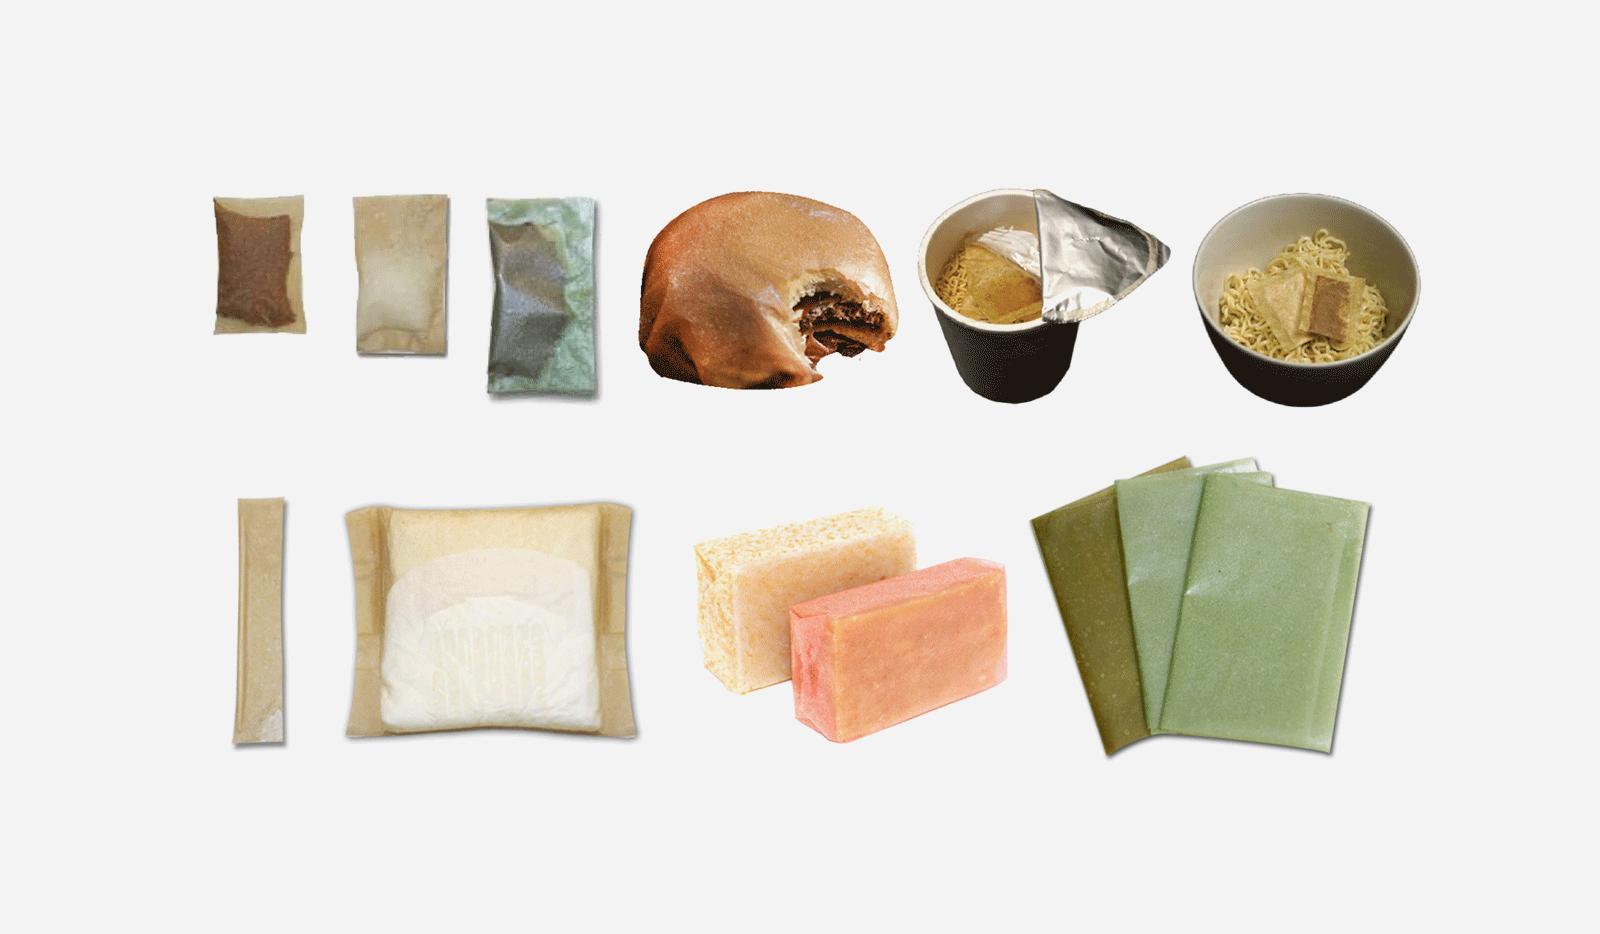 Evoware Seaweed Based Edible Packaging Biodegradable Products Biodegradable Packaging Food Packaging